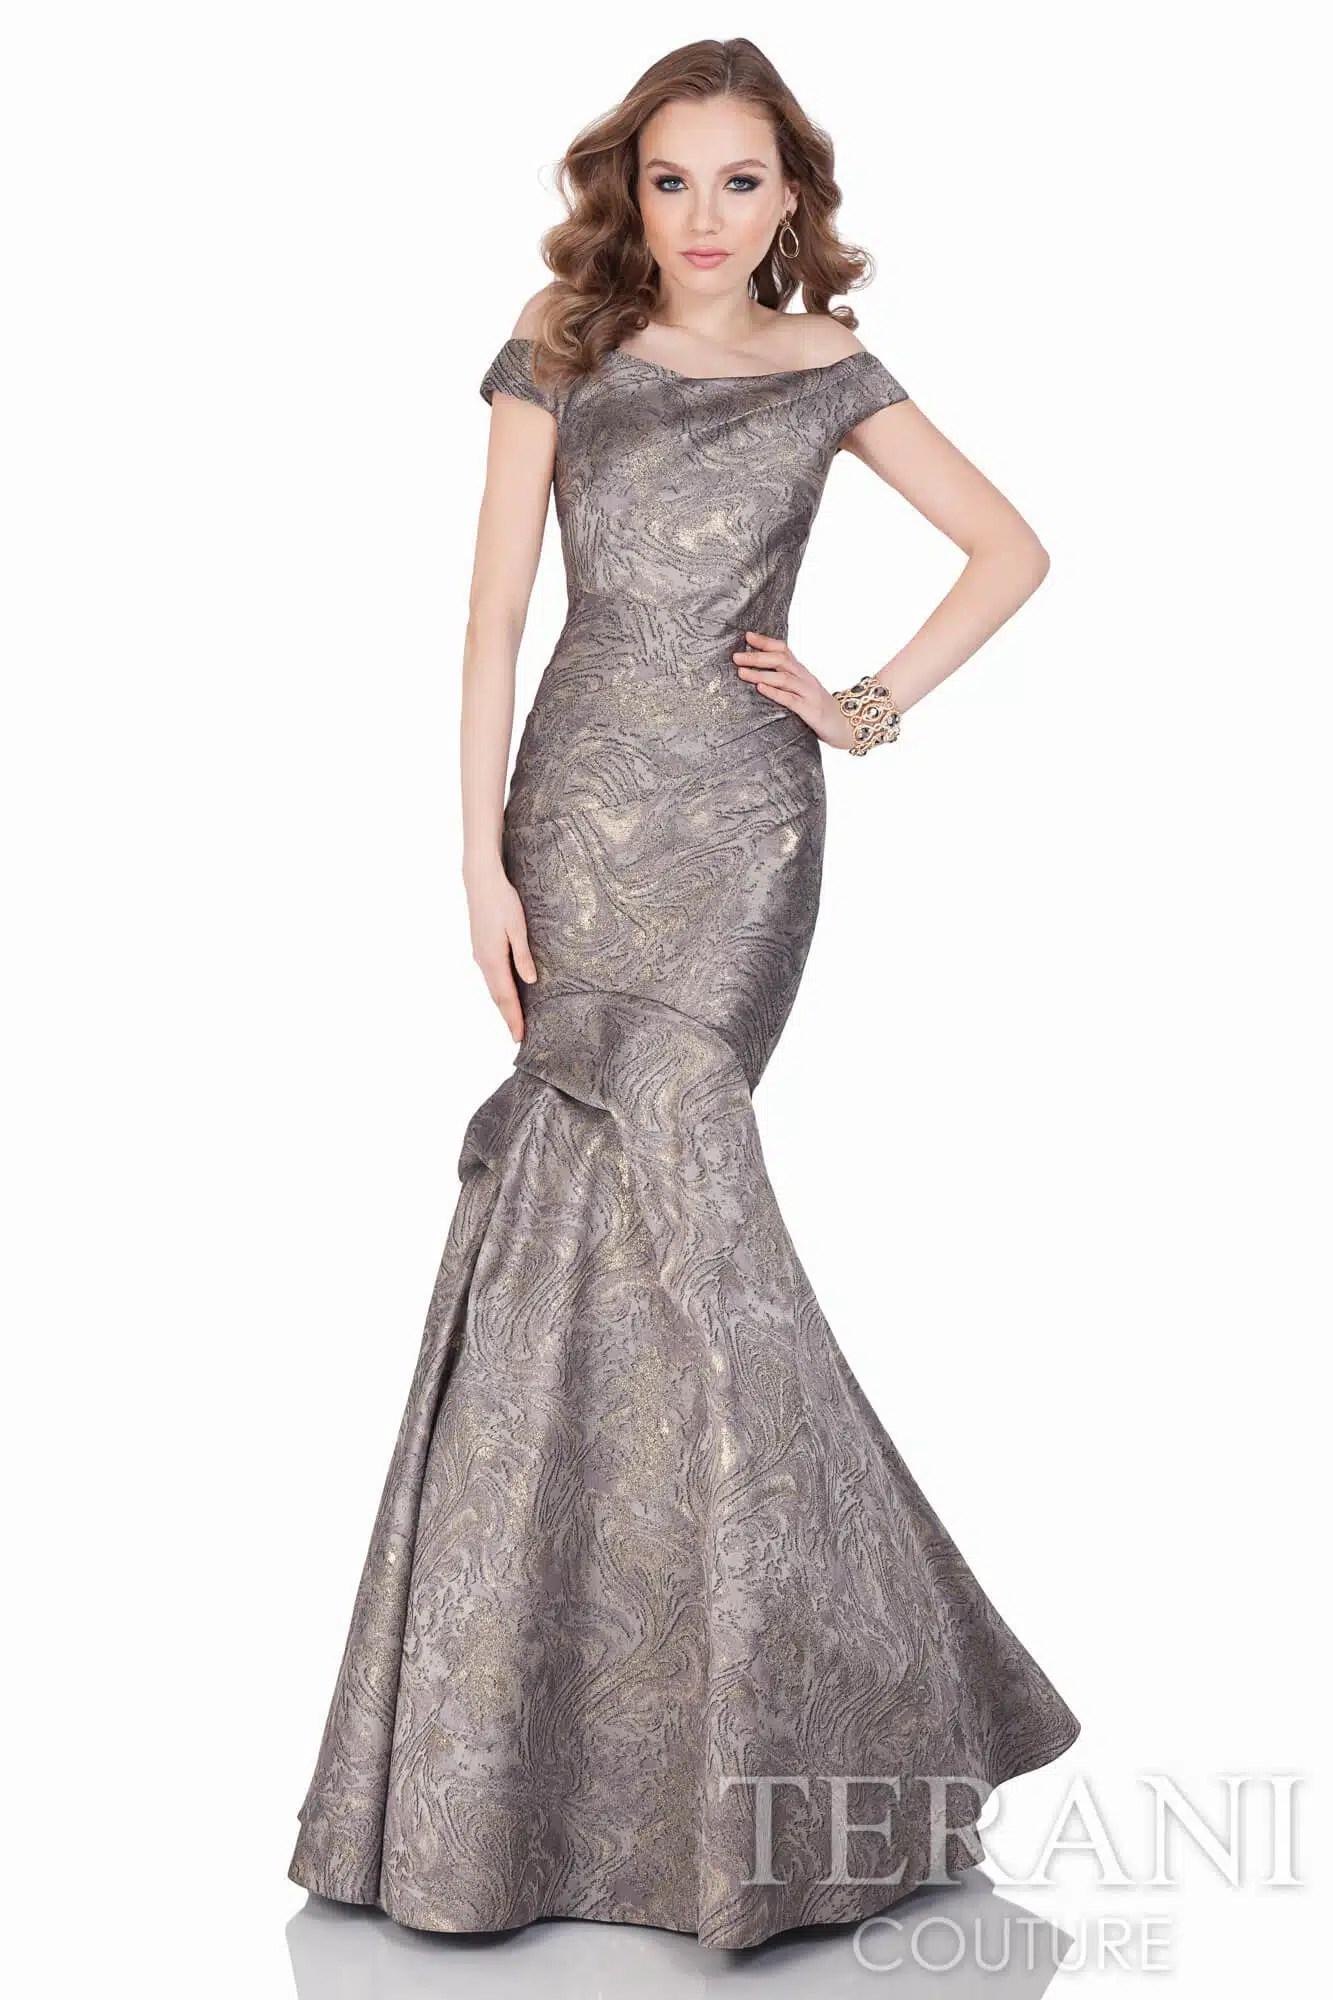 Captivating Plus Size Evening Dresses Online Canada Size Prom Dresses Stores Size Prom Dresses Torrid wedding dress Plus Size Prom Dresses